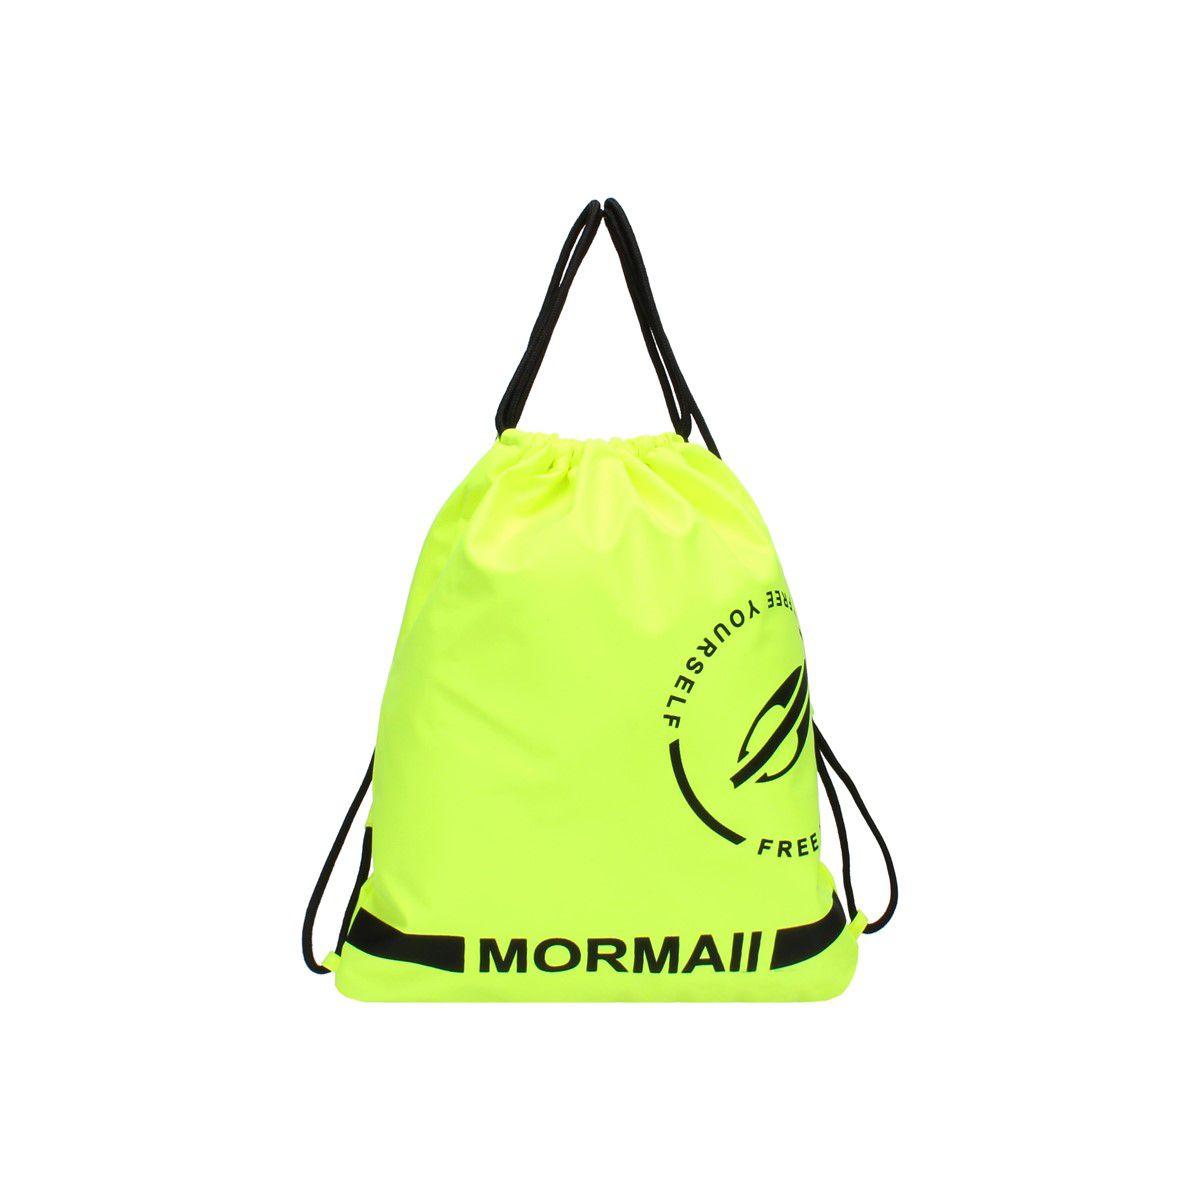 Bolsa Mormaii Saco Neon Amarelo